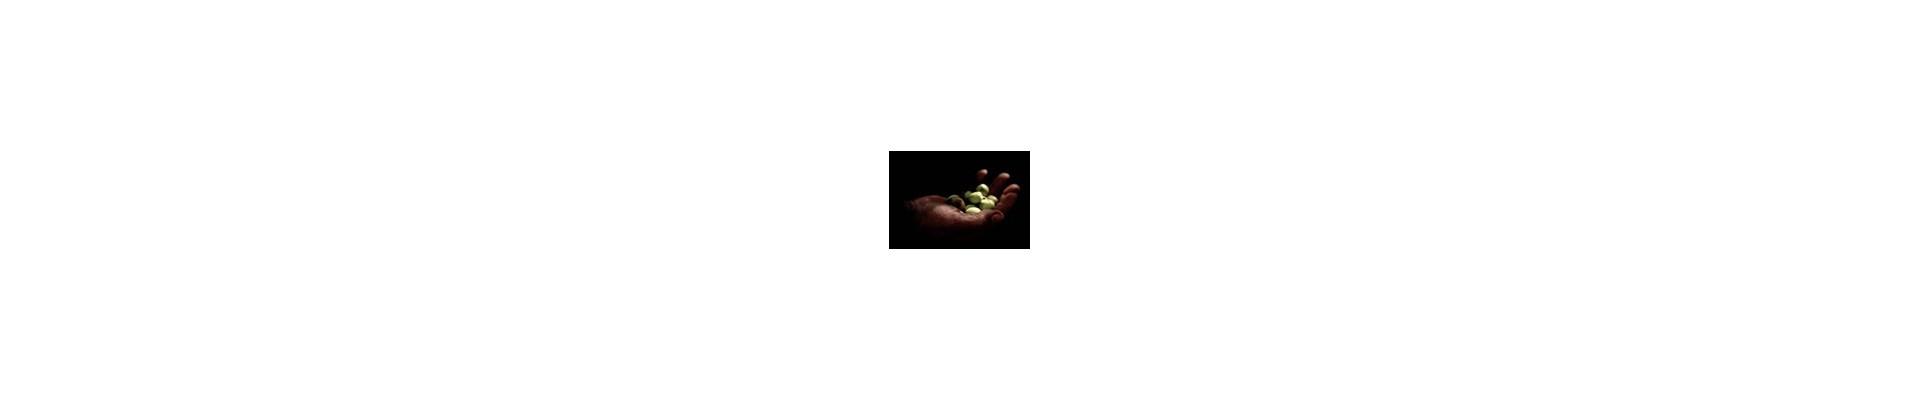 Olio biologico extra vergine d'oliva